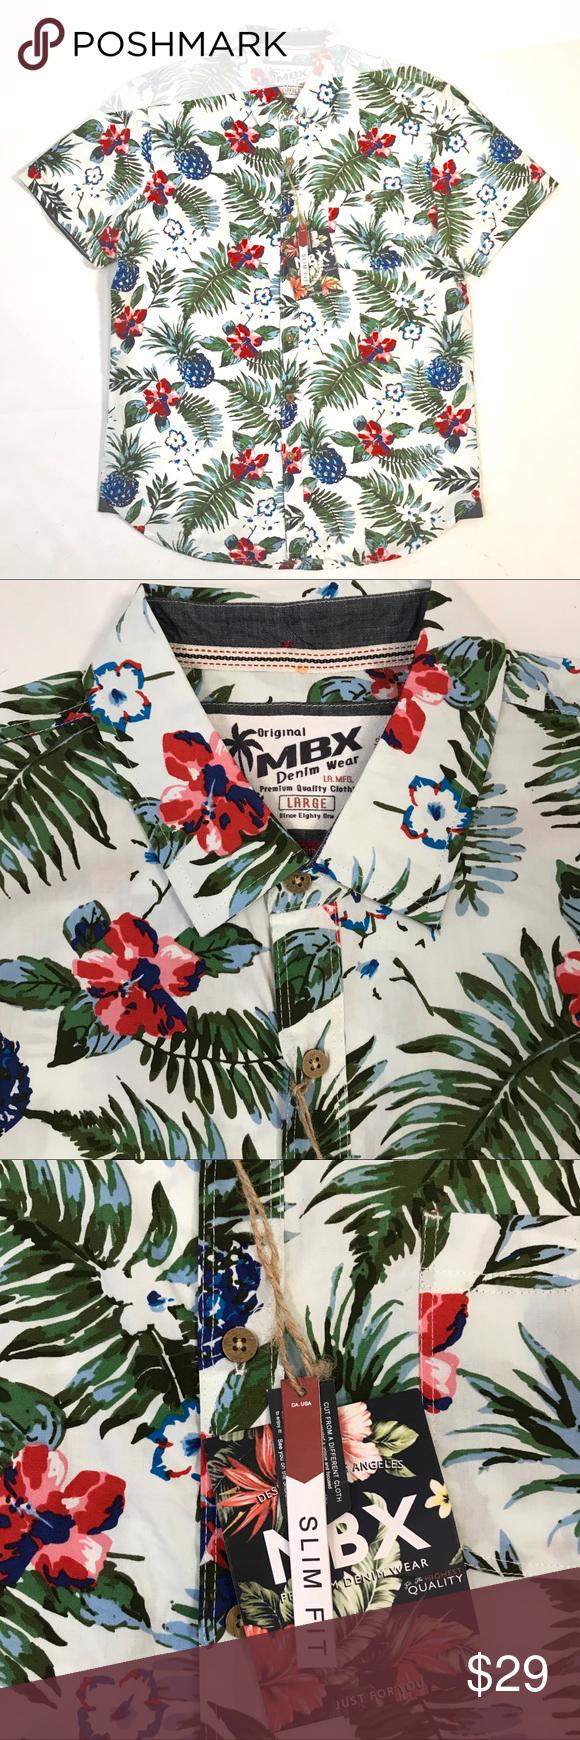 59eaa46c MBX Denim Wear Hawaiian Slim Fit Shirt Green/Pink MBX Denim Wear Mens  Tropics Hawaiian